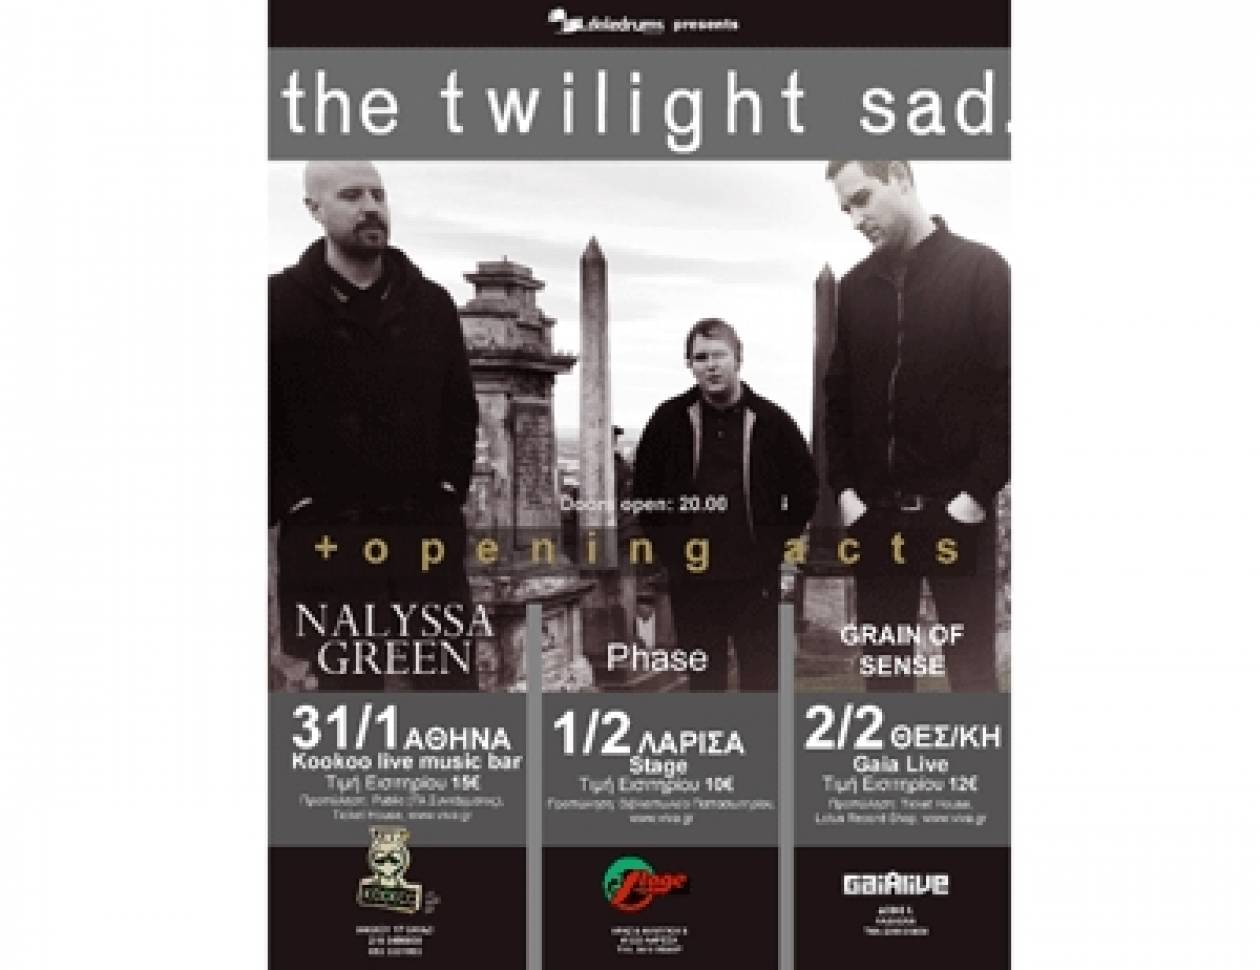 Οι Twilight Sad για τρεις συναυλίες στην Ελλάδα